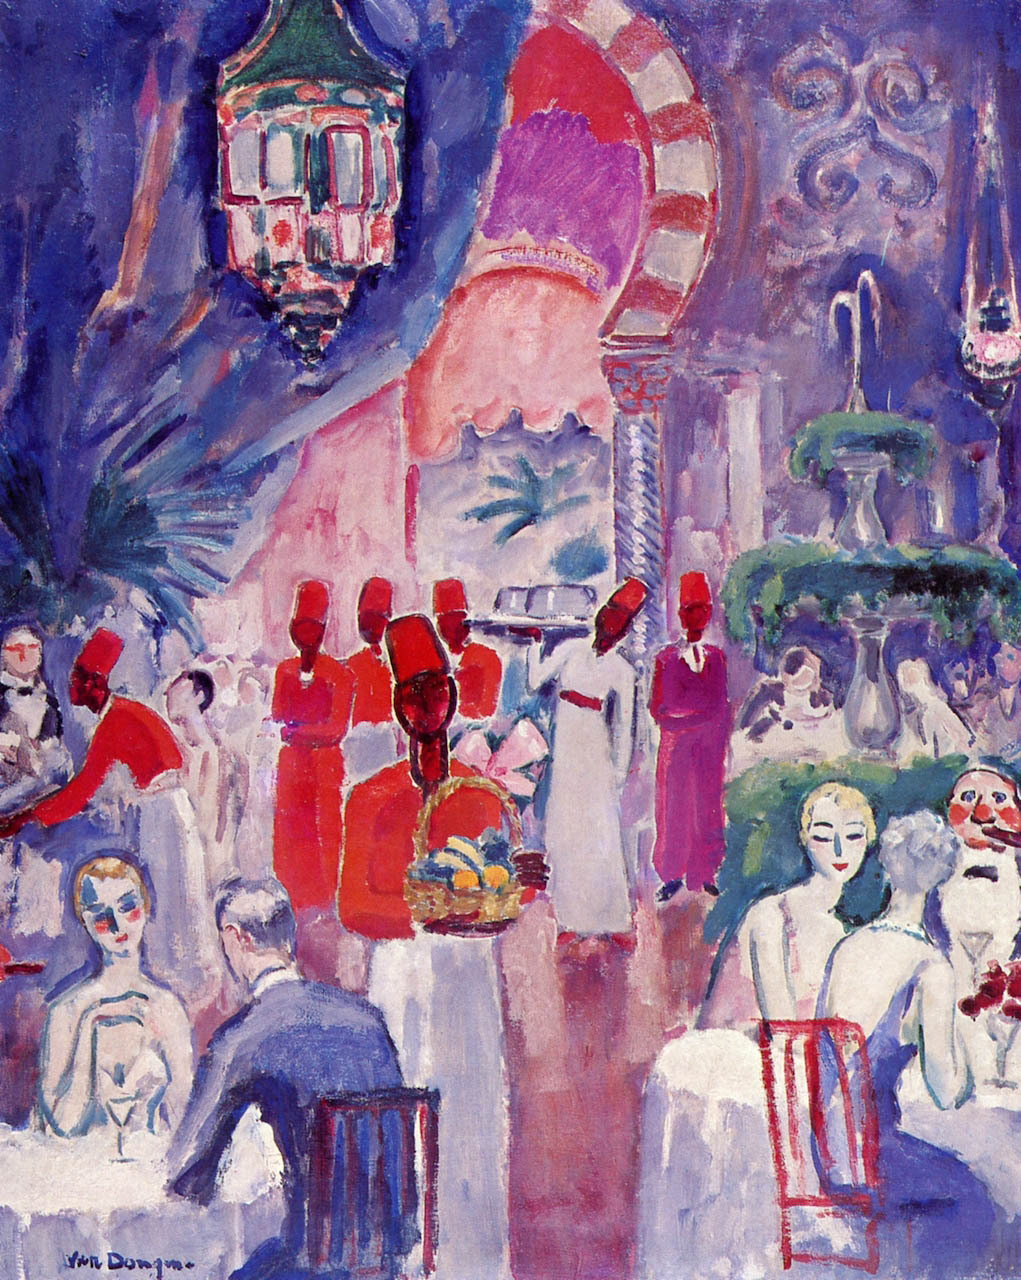 ageoftheart:At Shepheard's Restaurant, Cairo  Artist:Kees Van DongenYear:1928Type:Oil on canvas